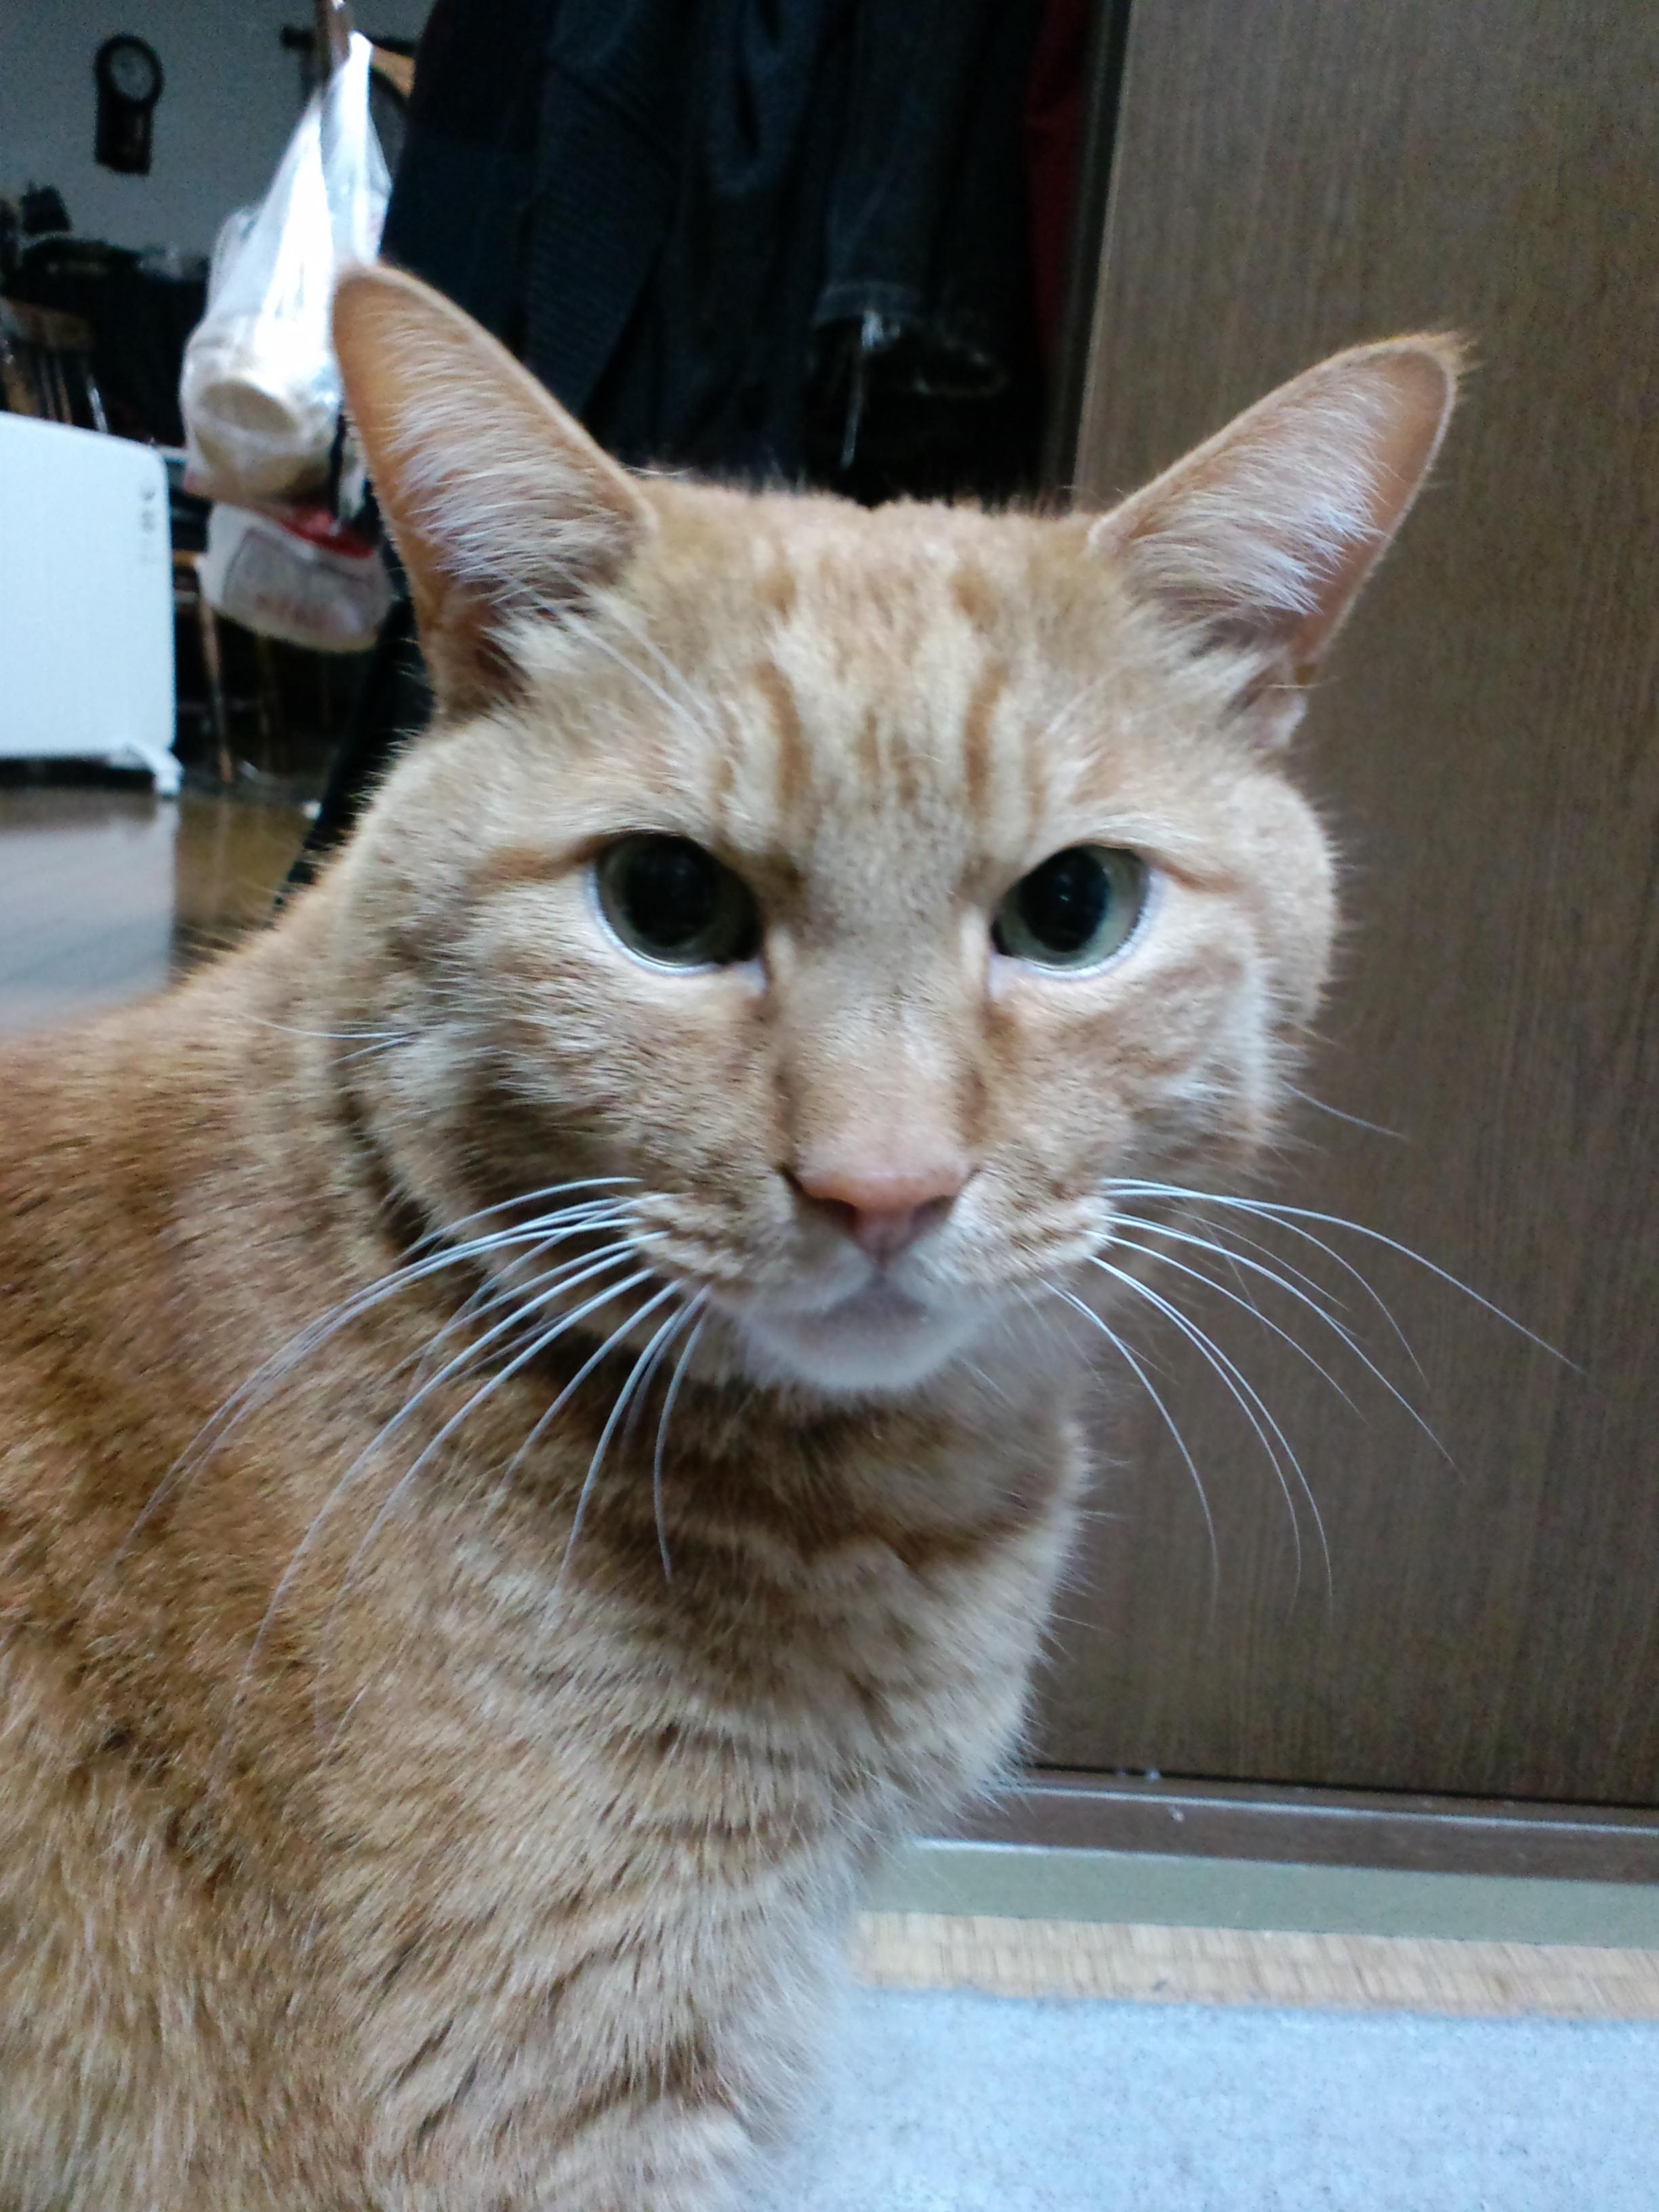 【茶トラ猫エレナの闘病記】「リンパ腫の疑い」診断後、約半年経つも、絶好調の状態をキープ!